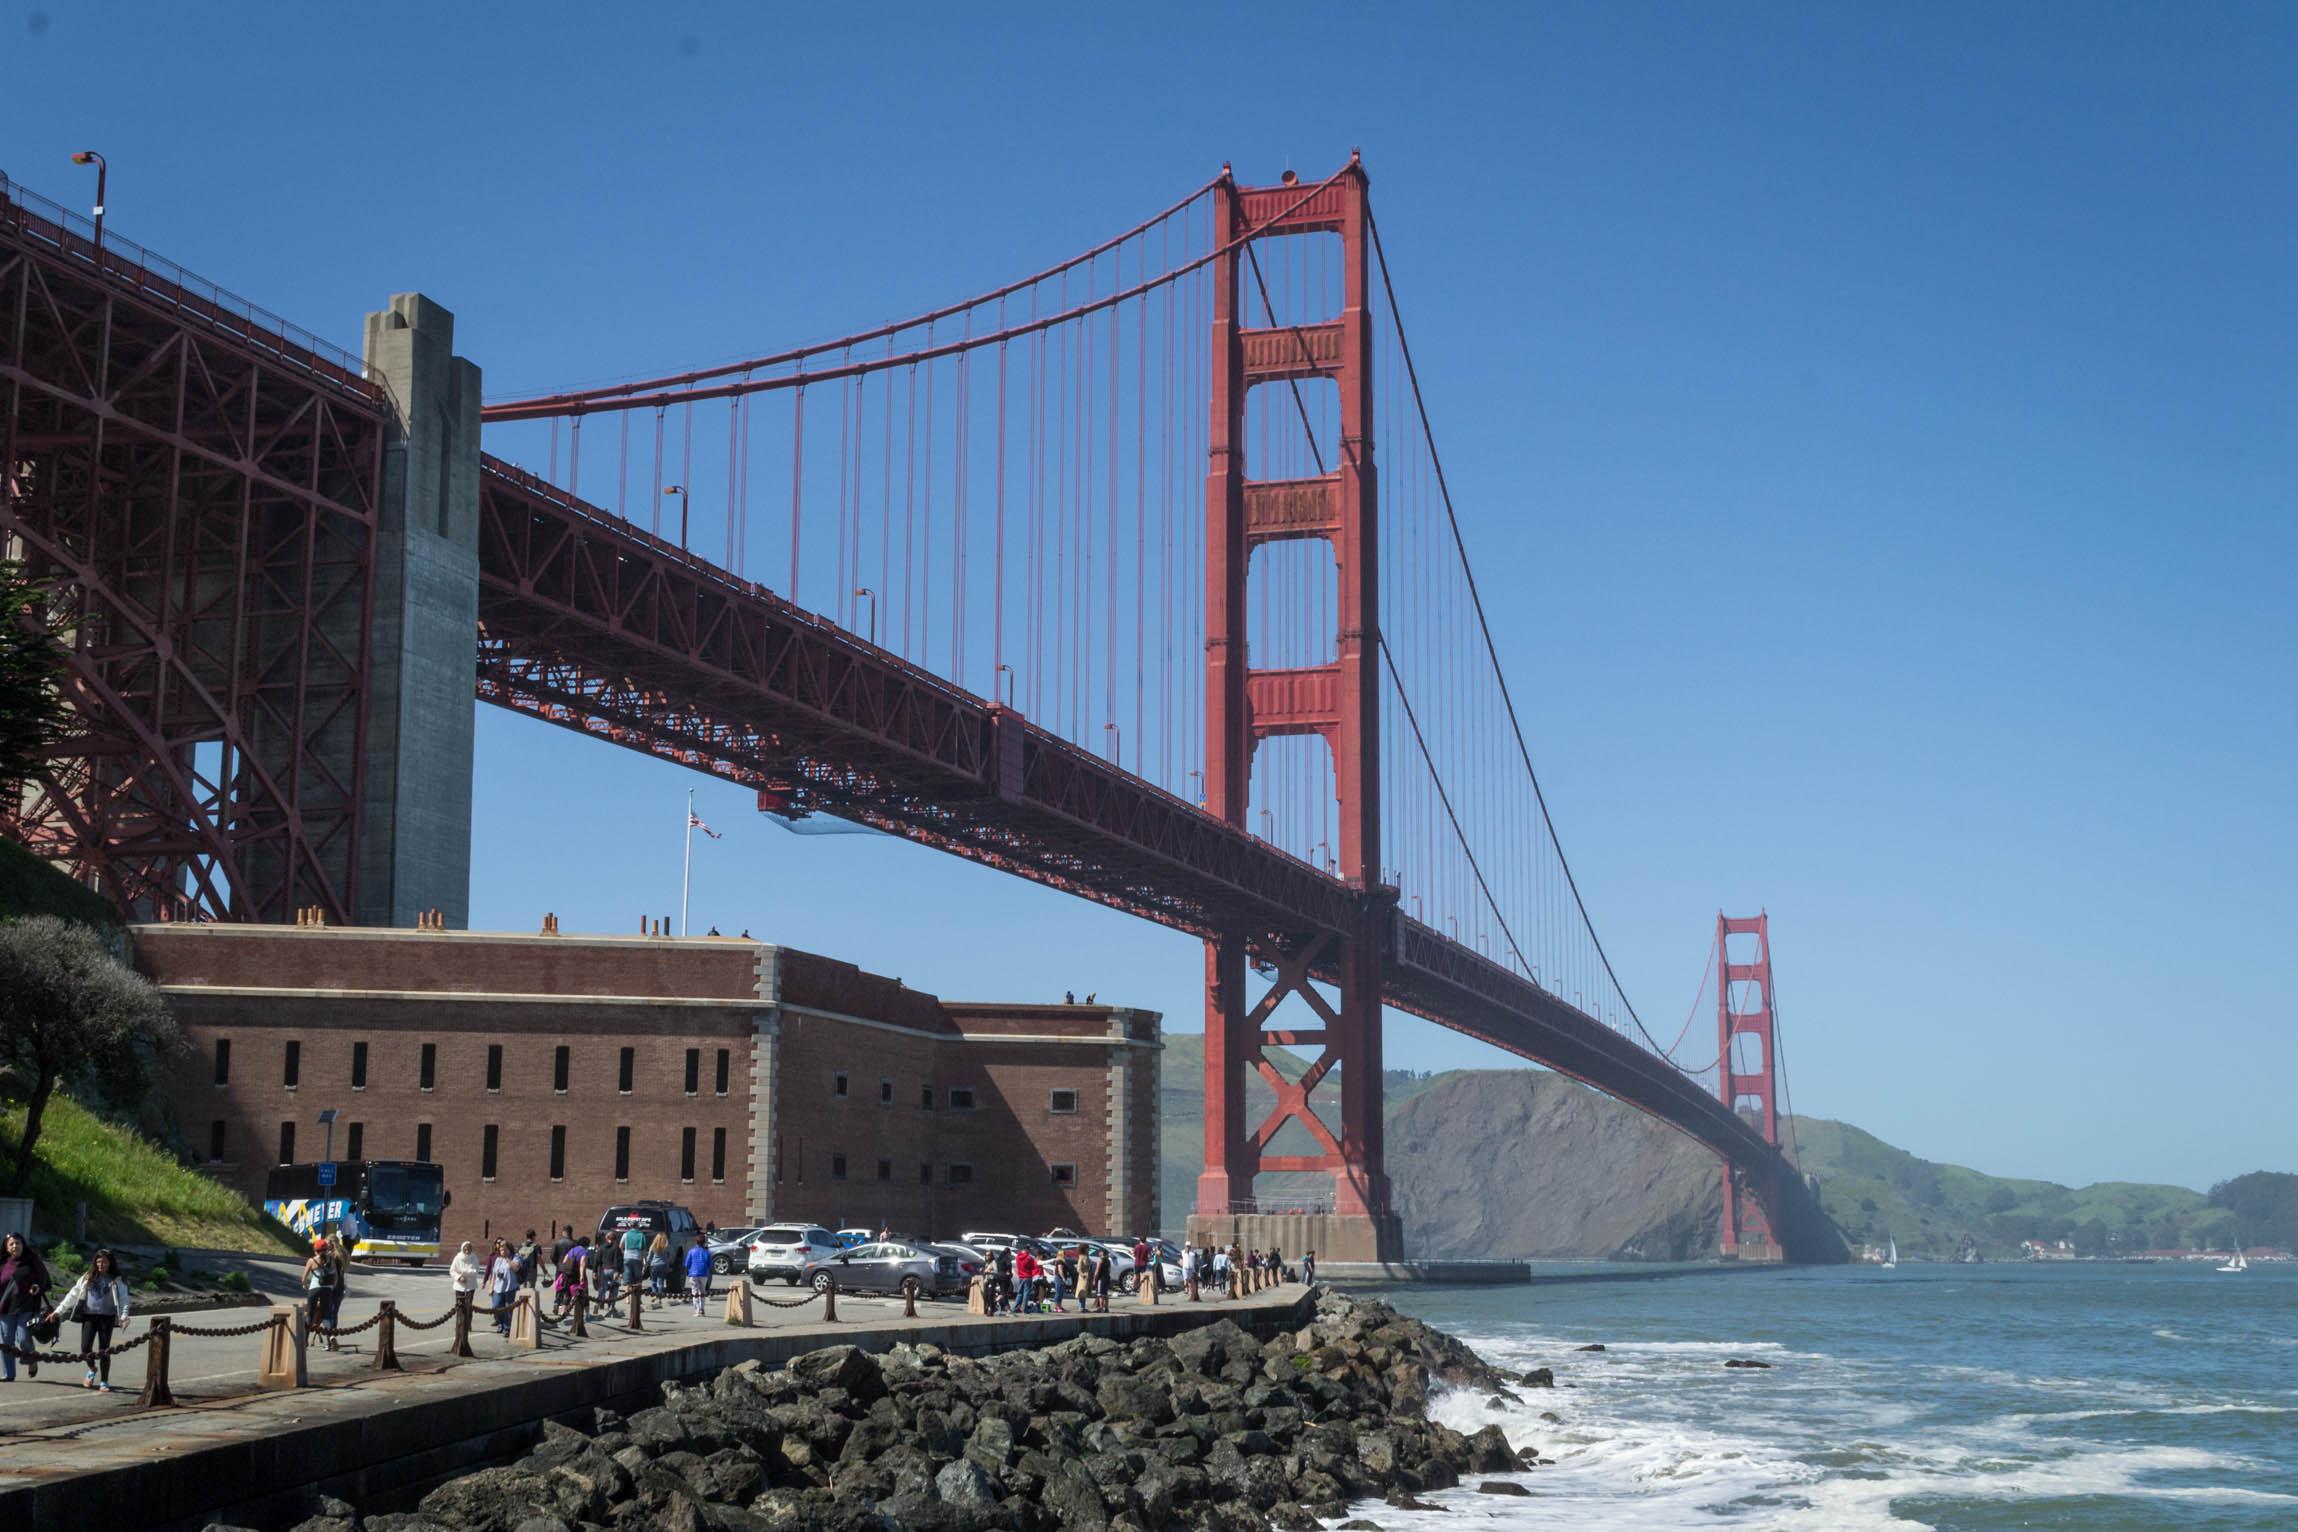 Une vue classique du pont englobant Fort Point